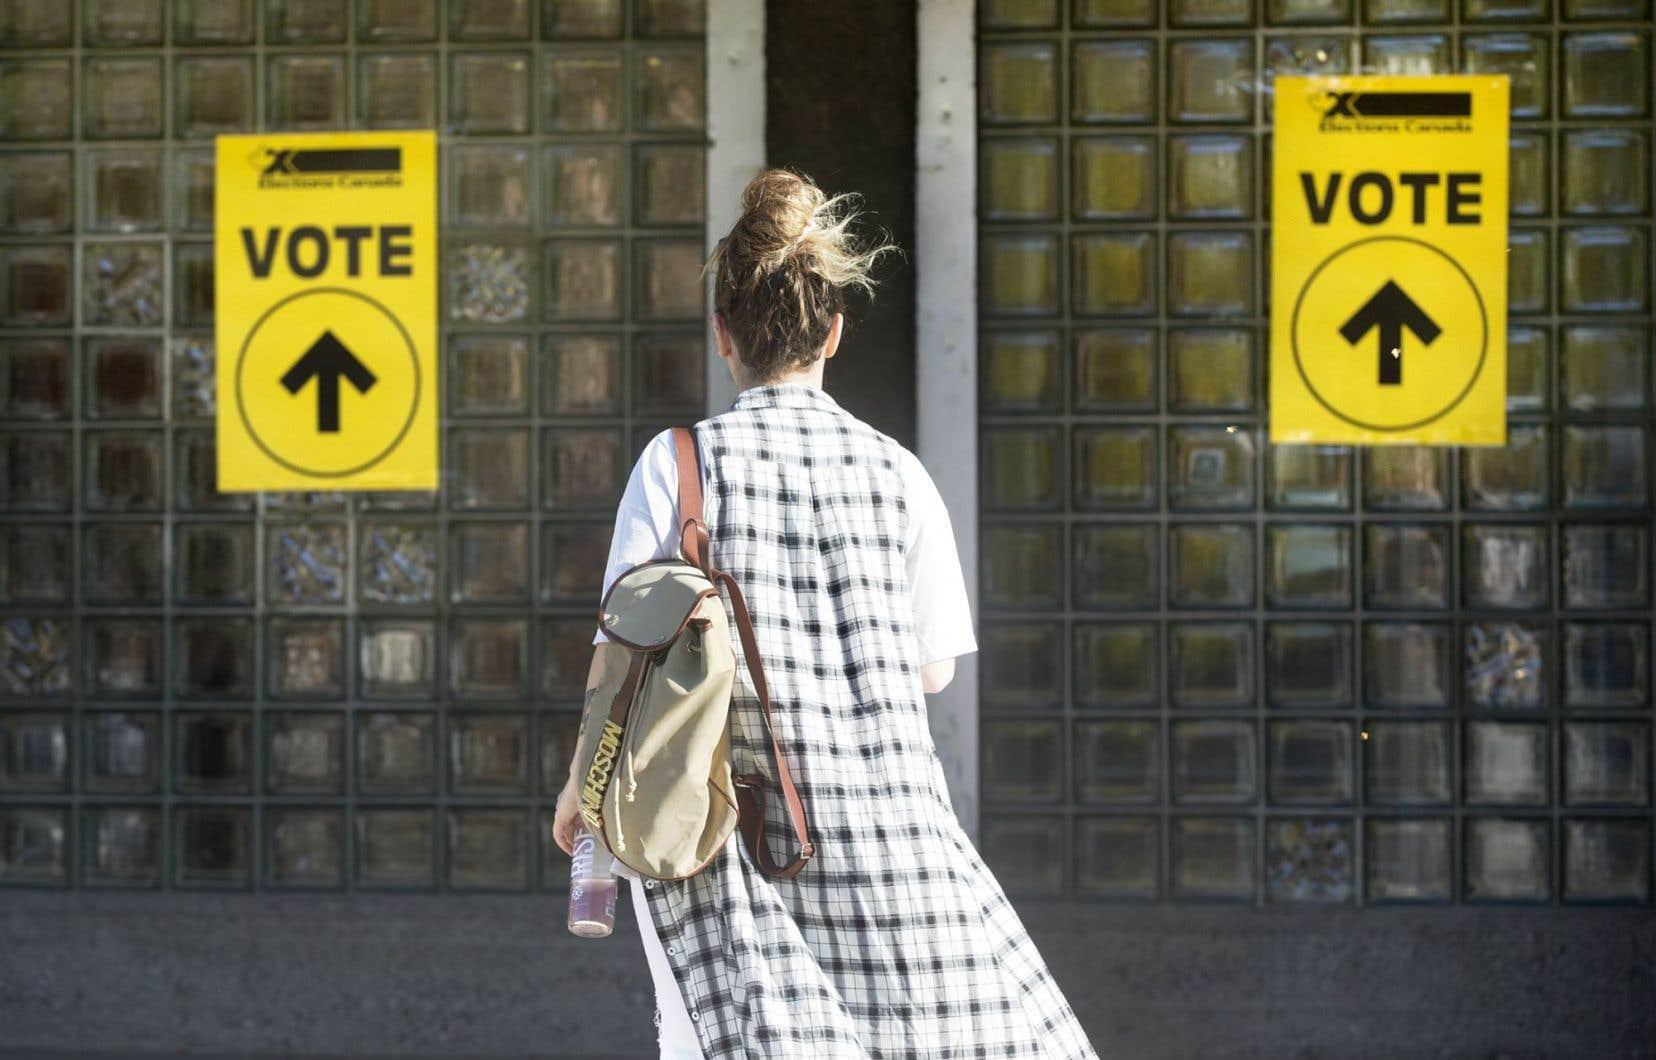 Le vrai devoir de citoyen ne se résume pas à voter, mais ouvre à la nécessité de faire un choix éclairé et conscient.